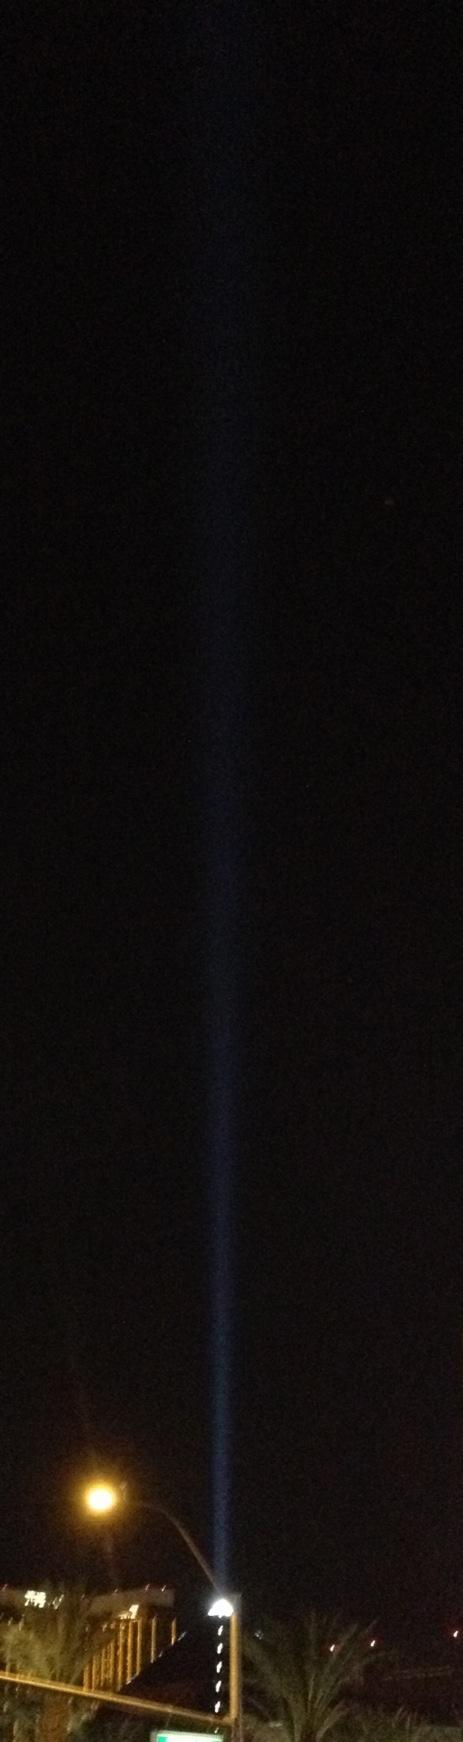 20120128-204623.jpg